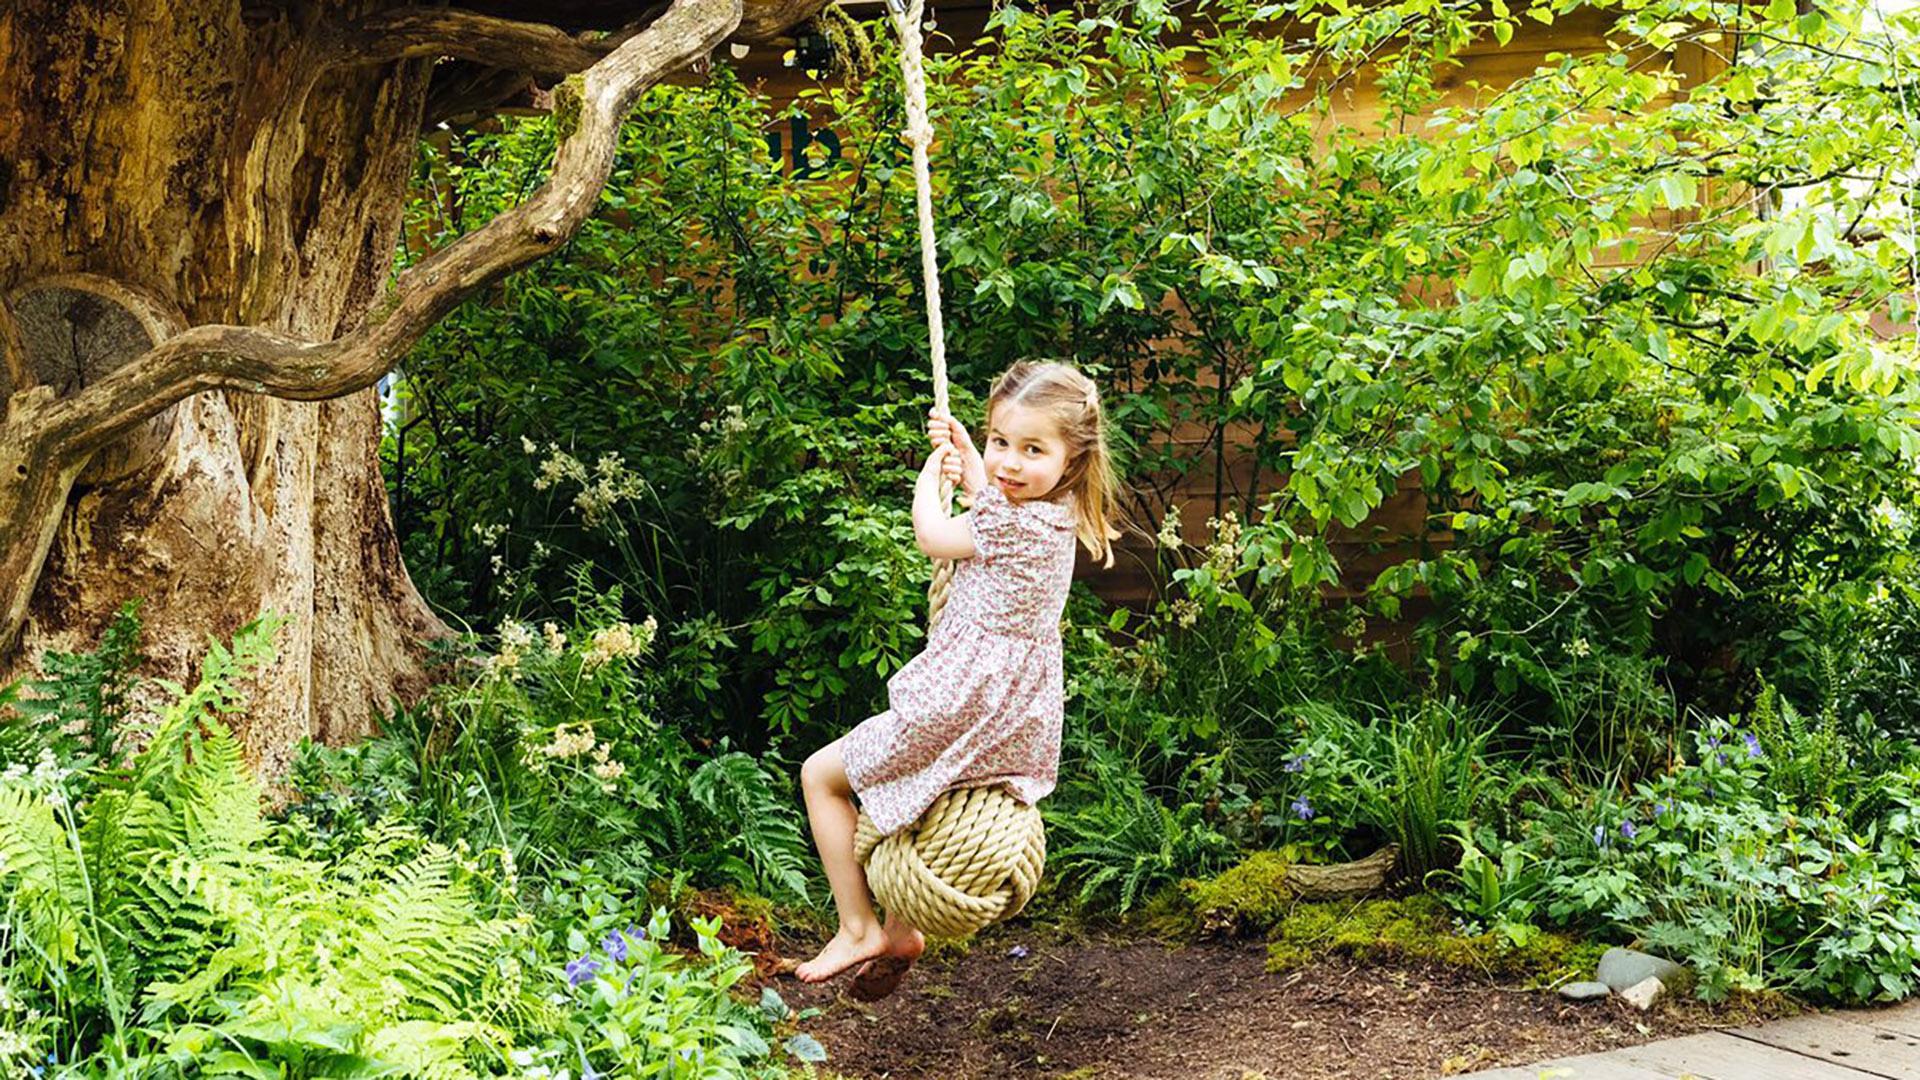 La princesa Charlotte, de 4 años, disfruta del columpio del jardín diseñado por su madre